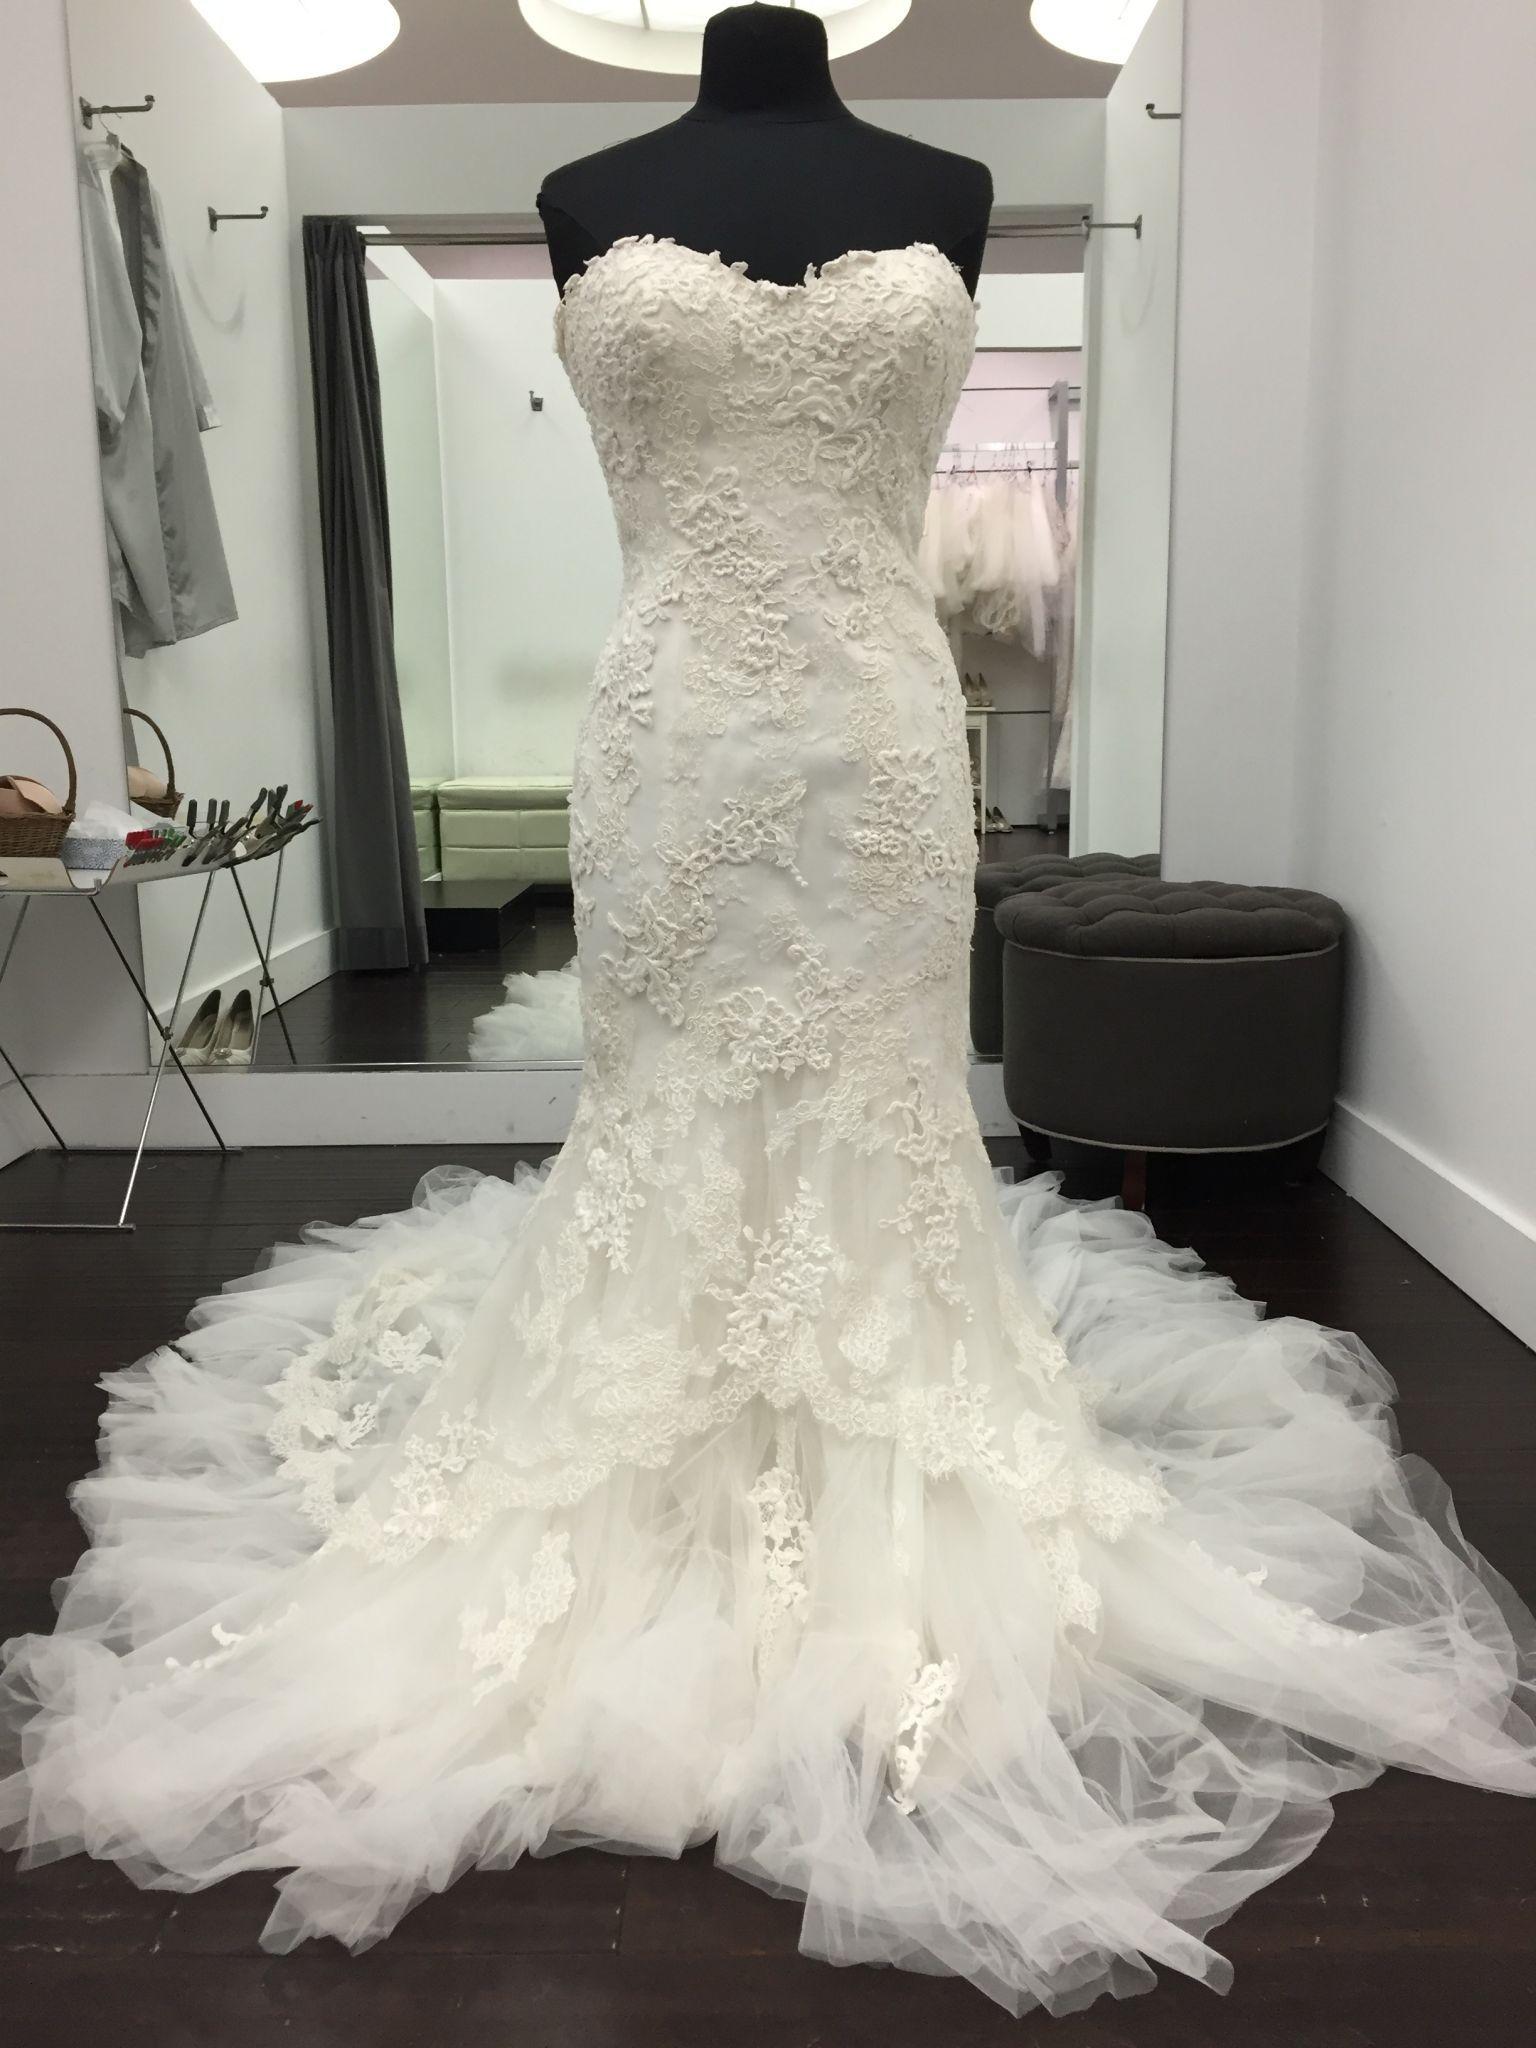 Pronovias Pretty Wedding Dress Sample Size 12 500 Pretty Wedding Dresses Size 12 Wedding Dress Contemporary Wedding Dress